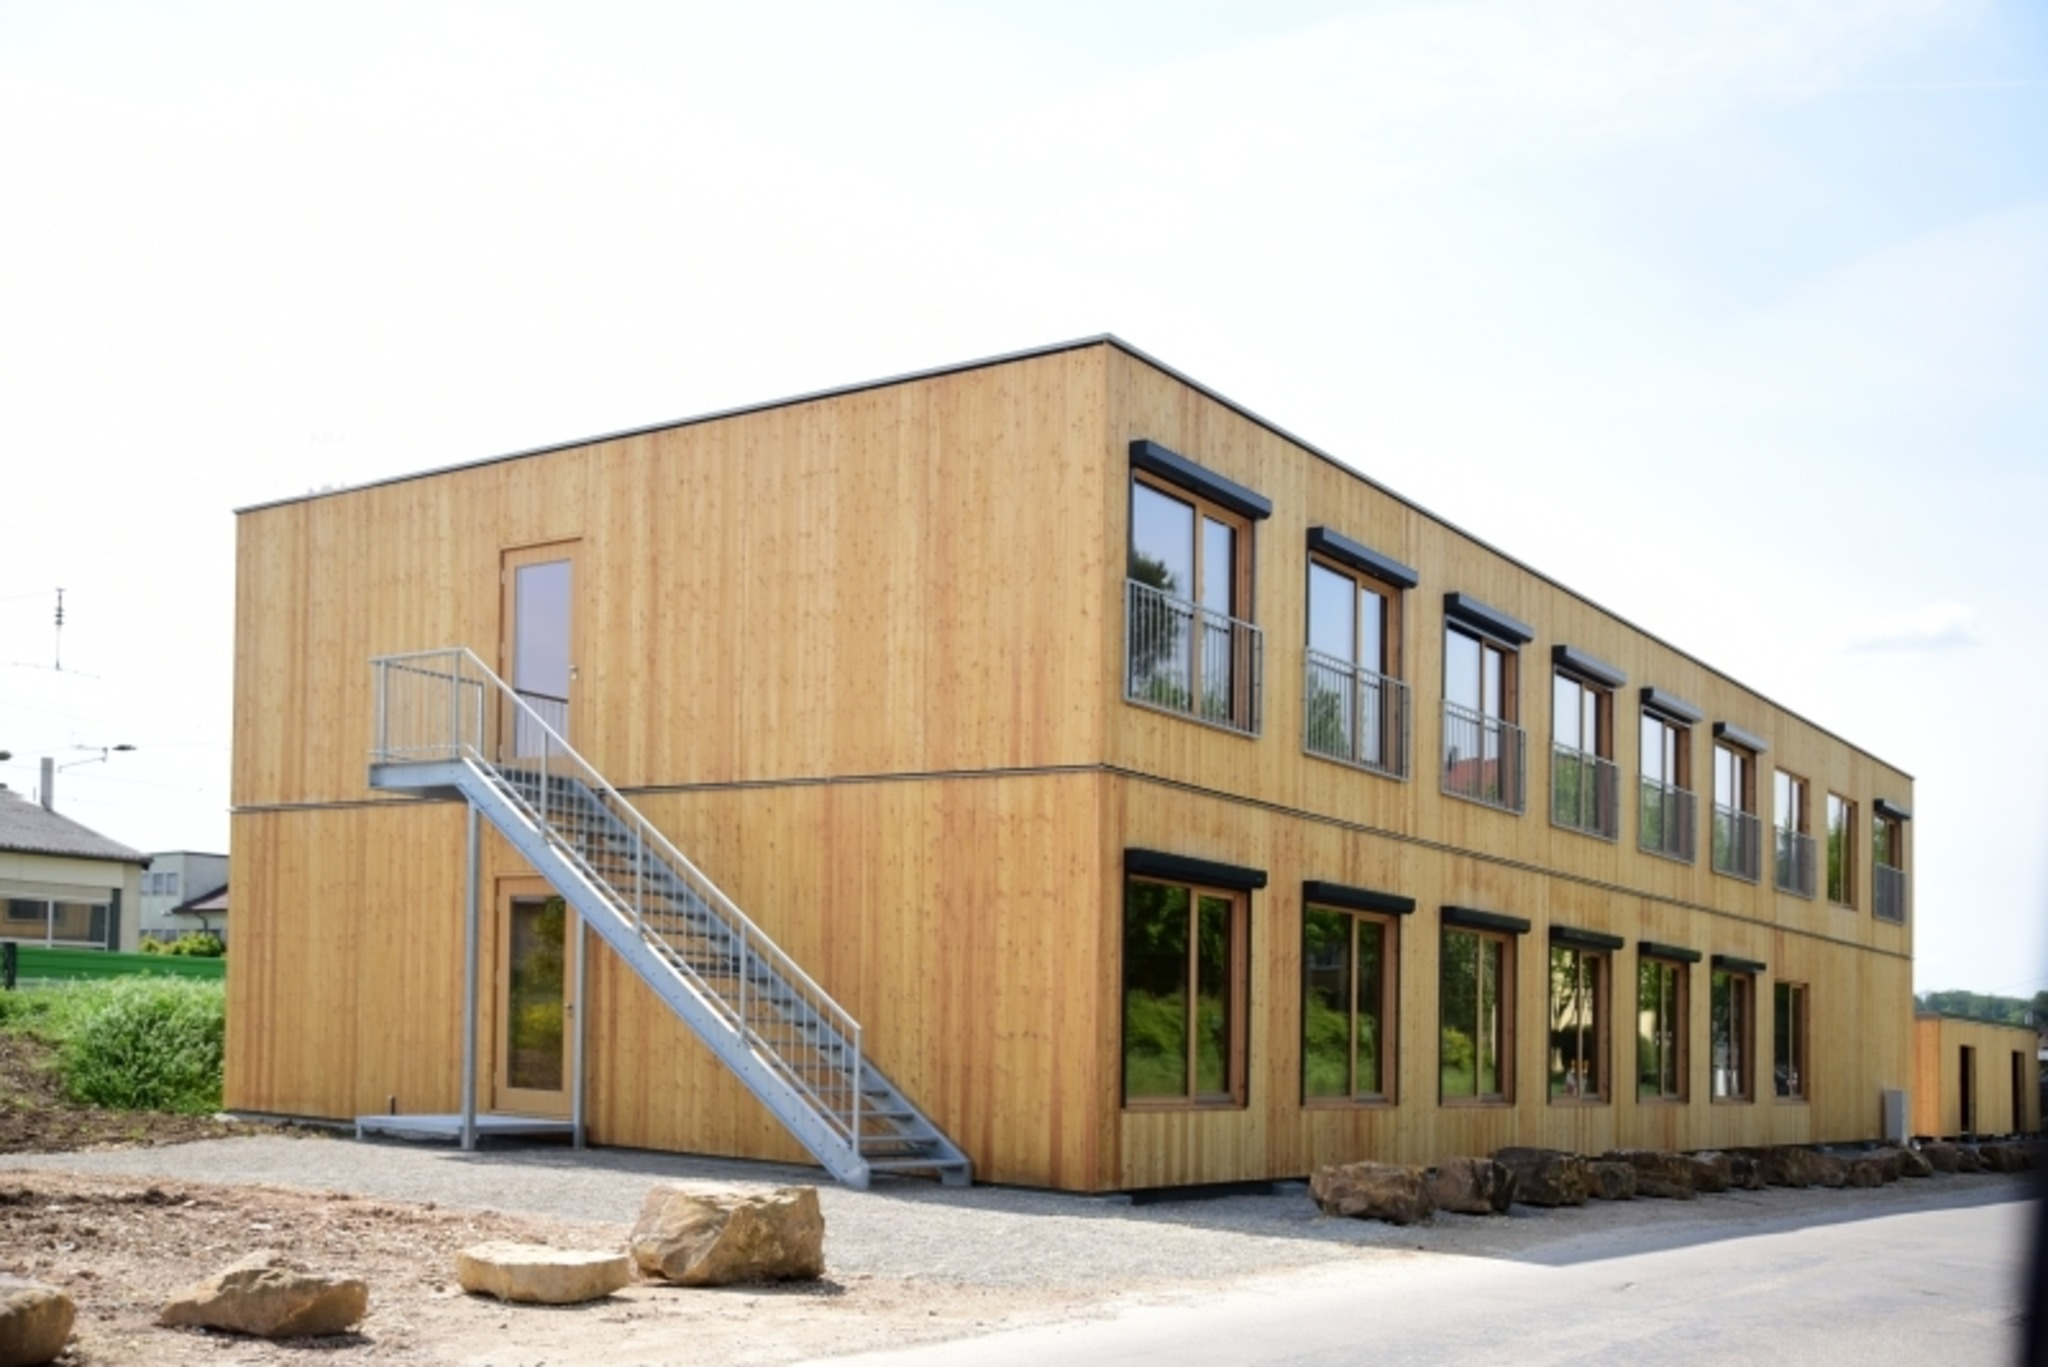 Egger Konzepthaus Fl Chtlingsunterkunft In Der N He Von Stuttgart Gebaut Kitzb Hel